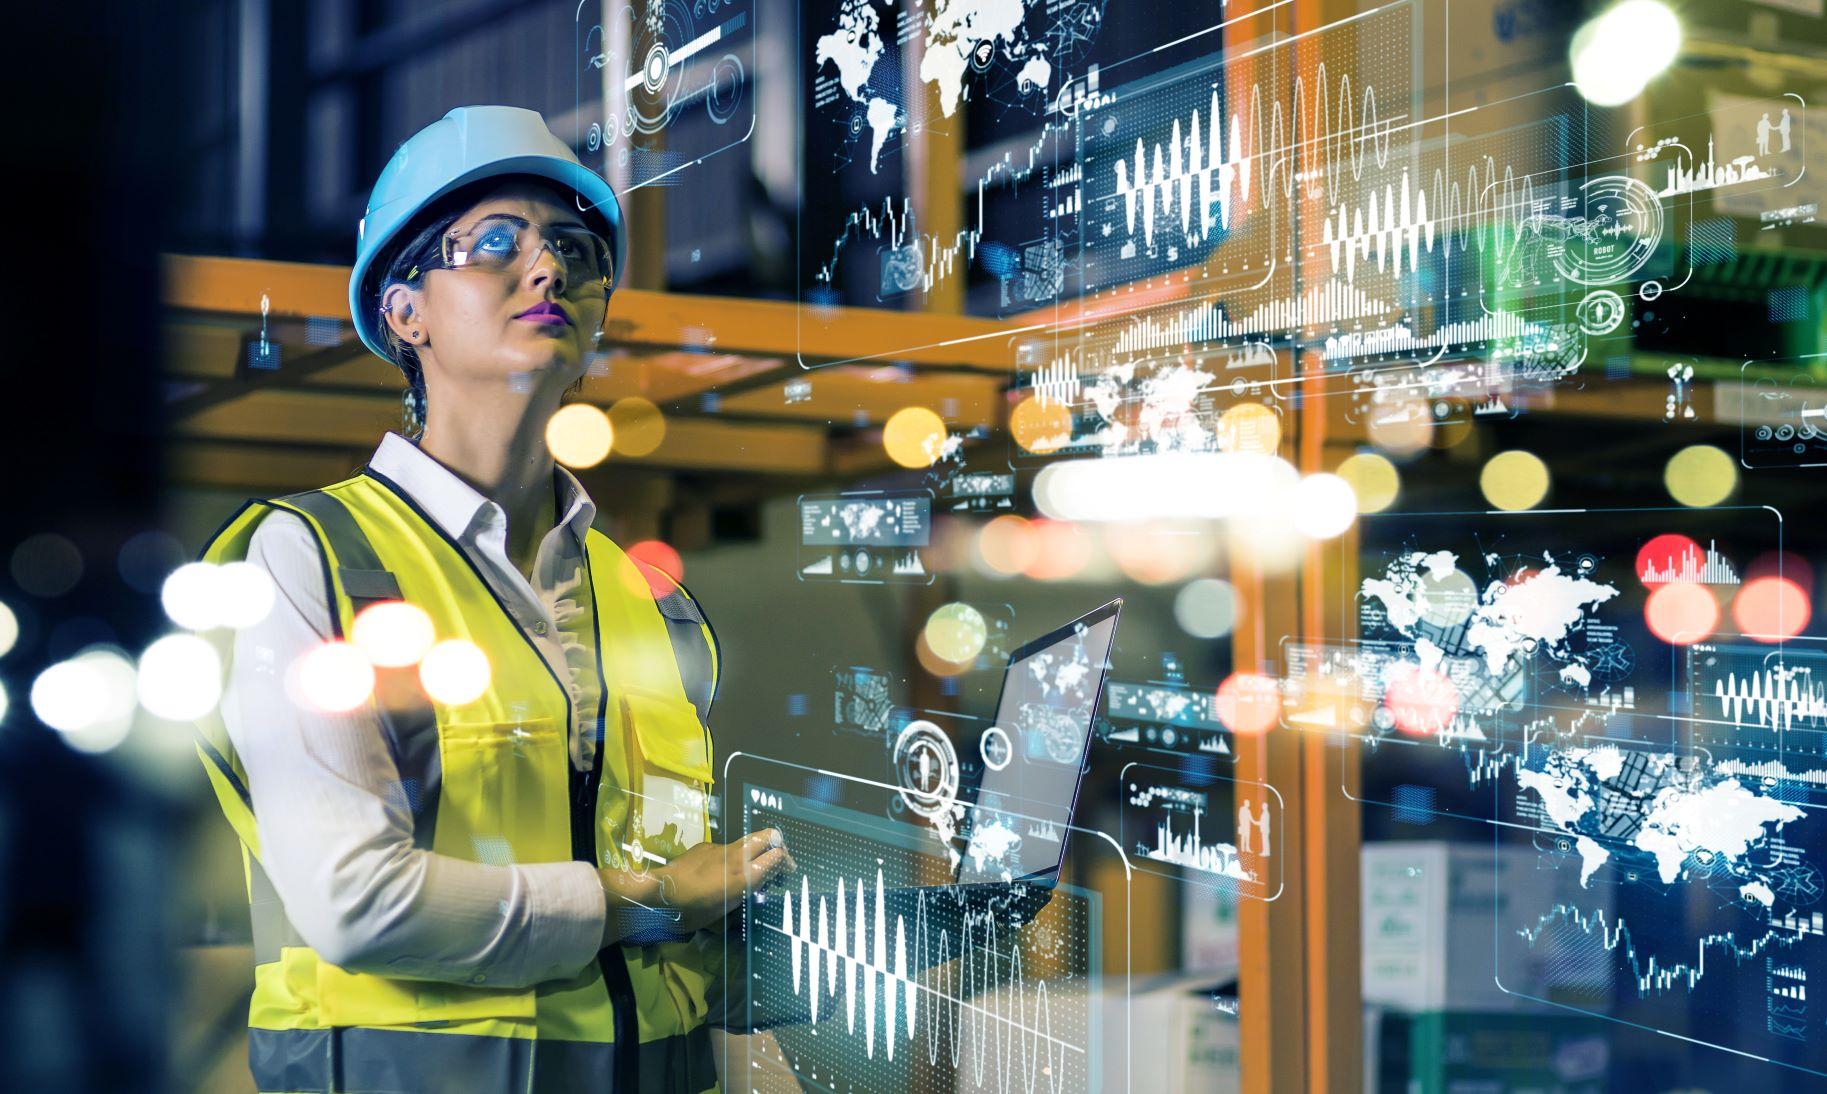 MTForecast Recap: Manufacturing & Data